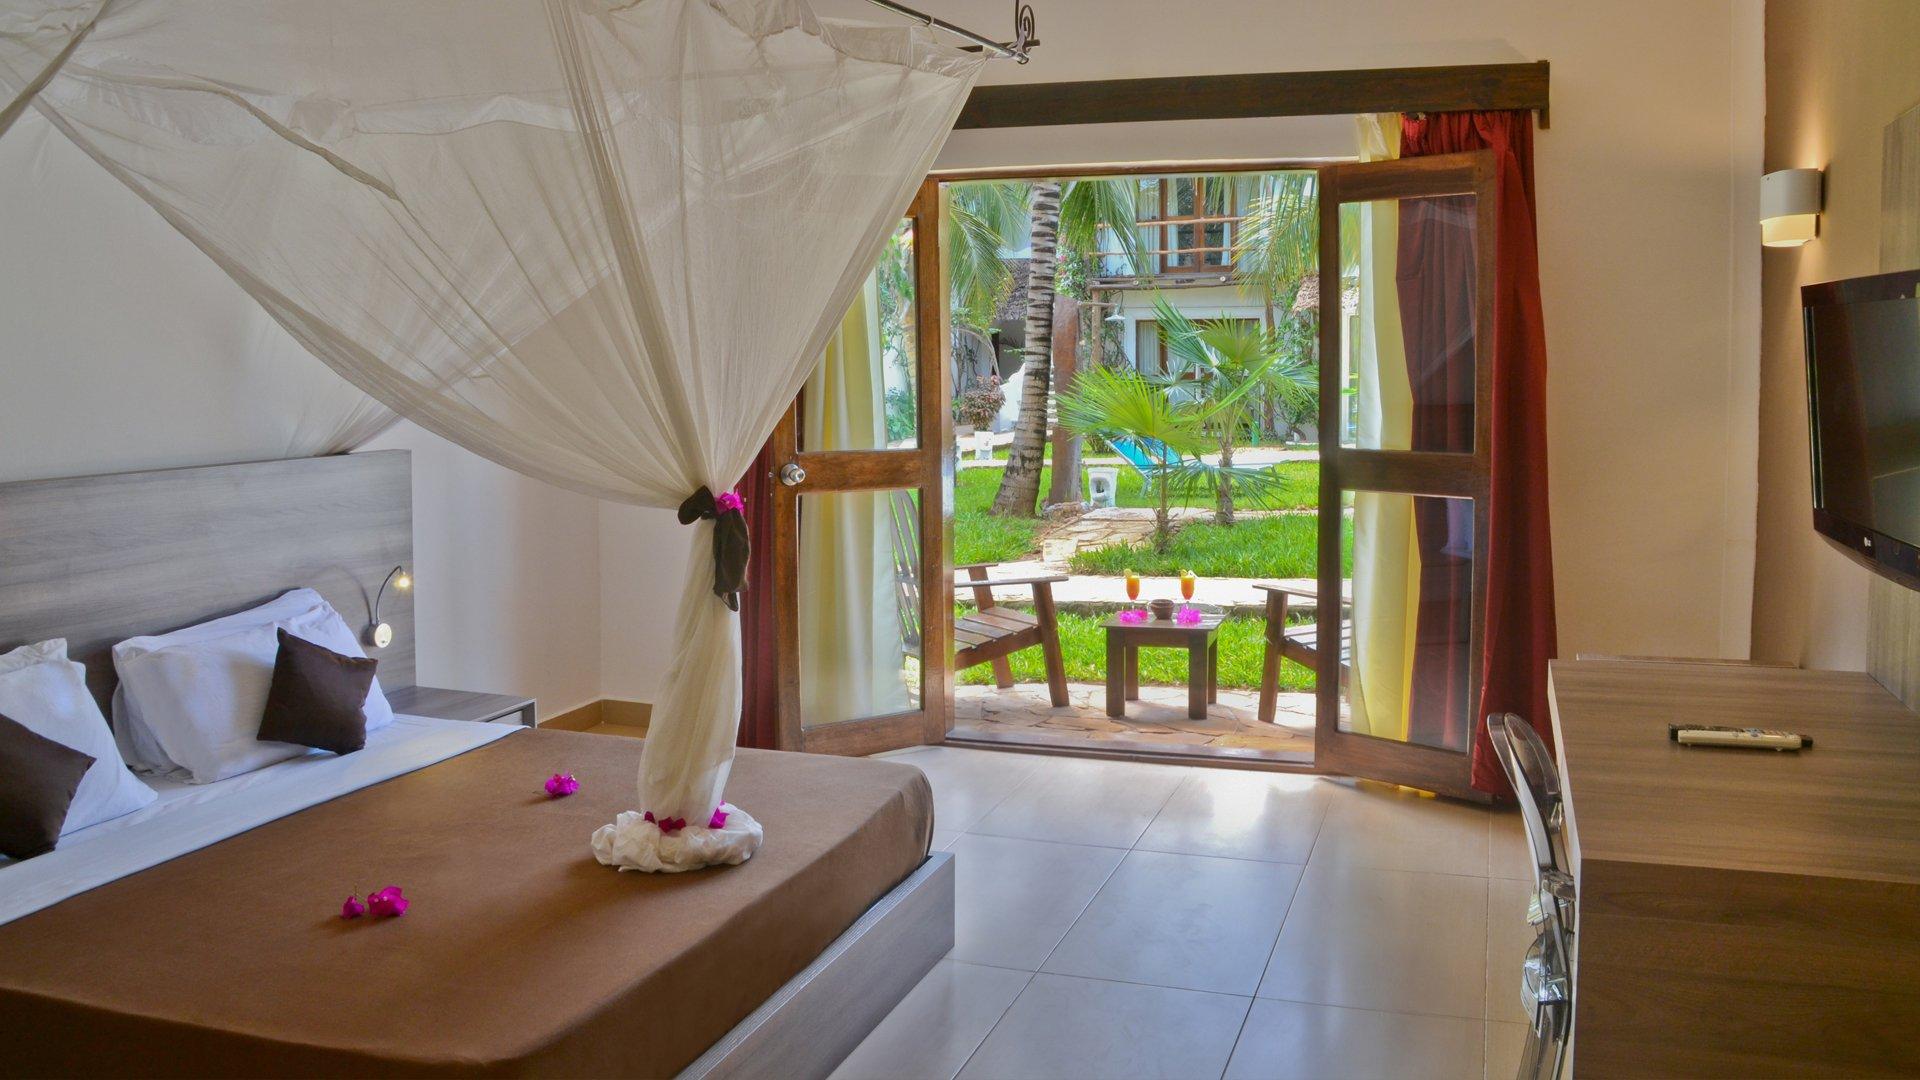 Myblue Hotel - Tanzania - Zanzibar